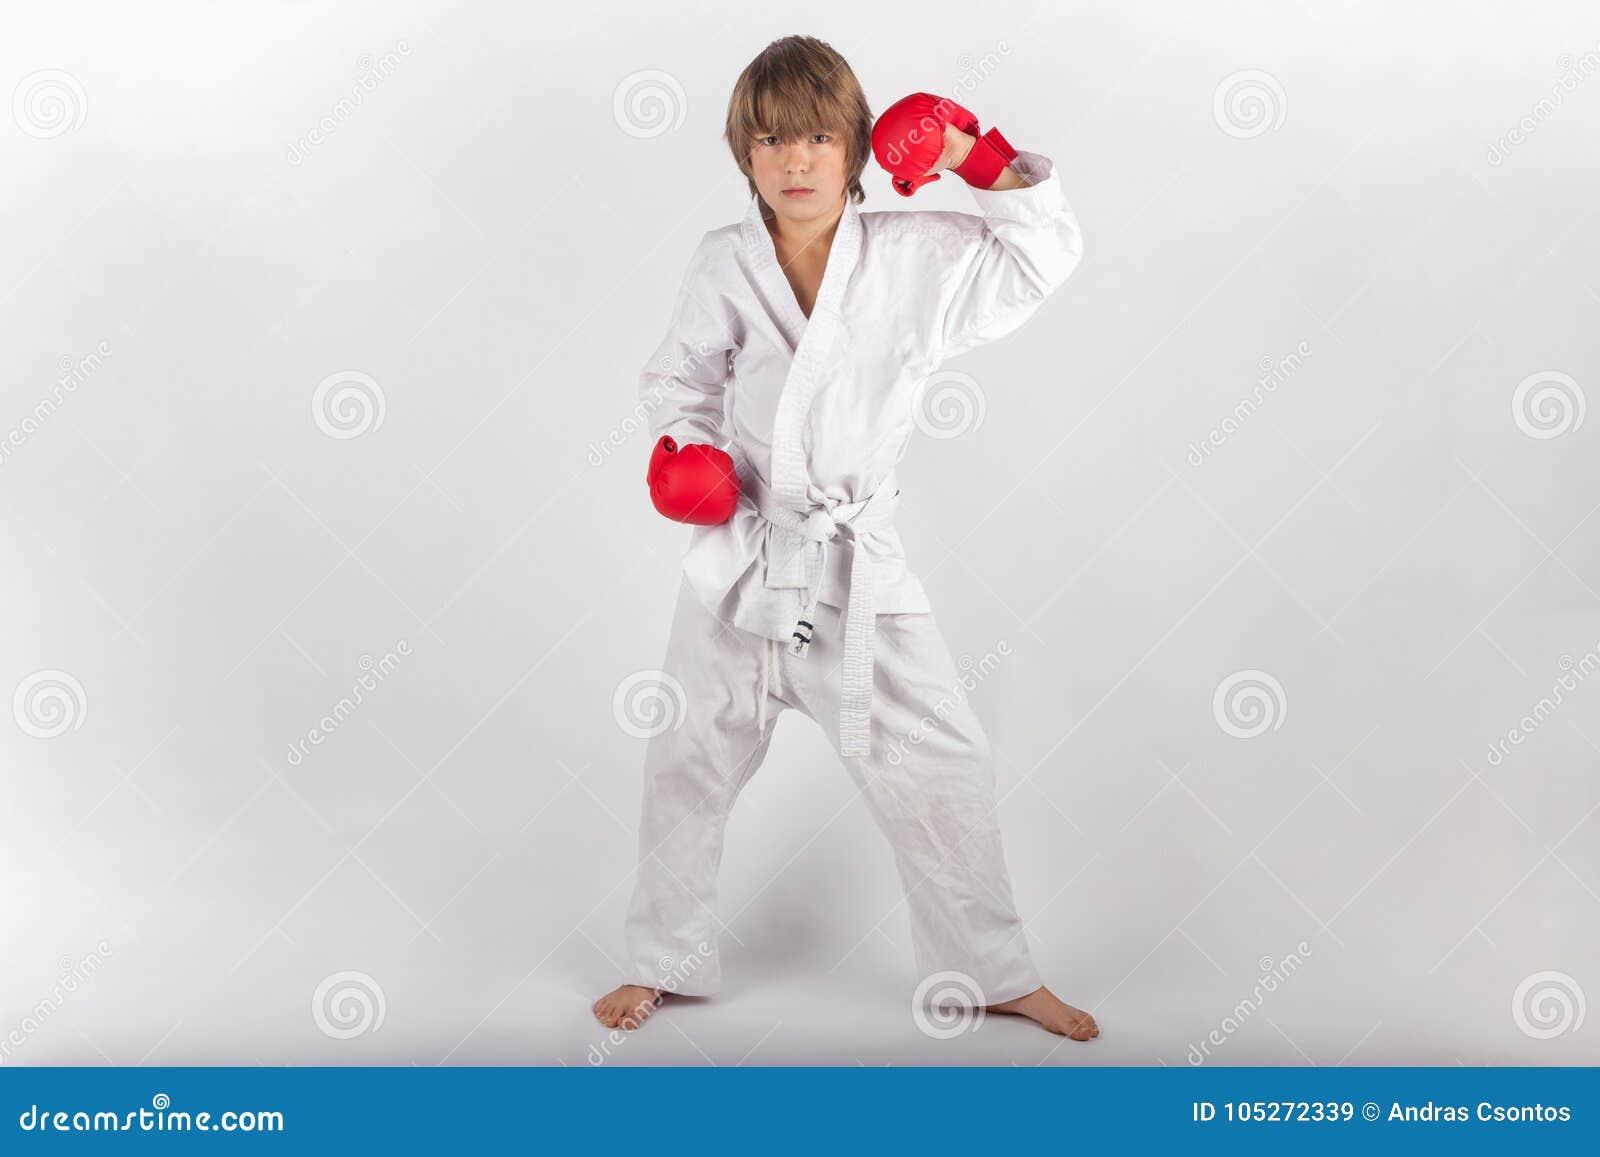 Karateunge med rött posera för boxninghandskar